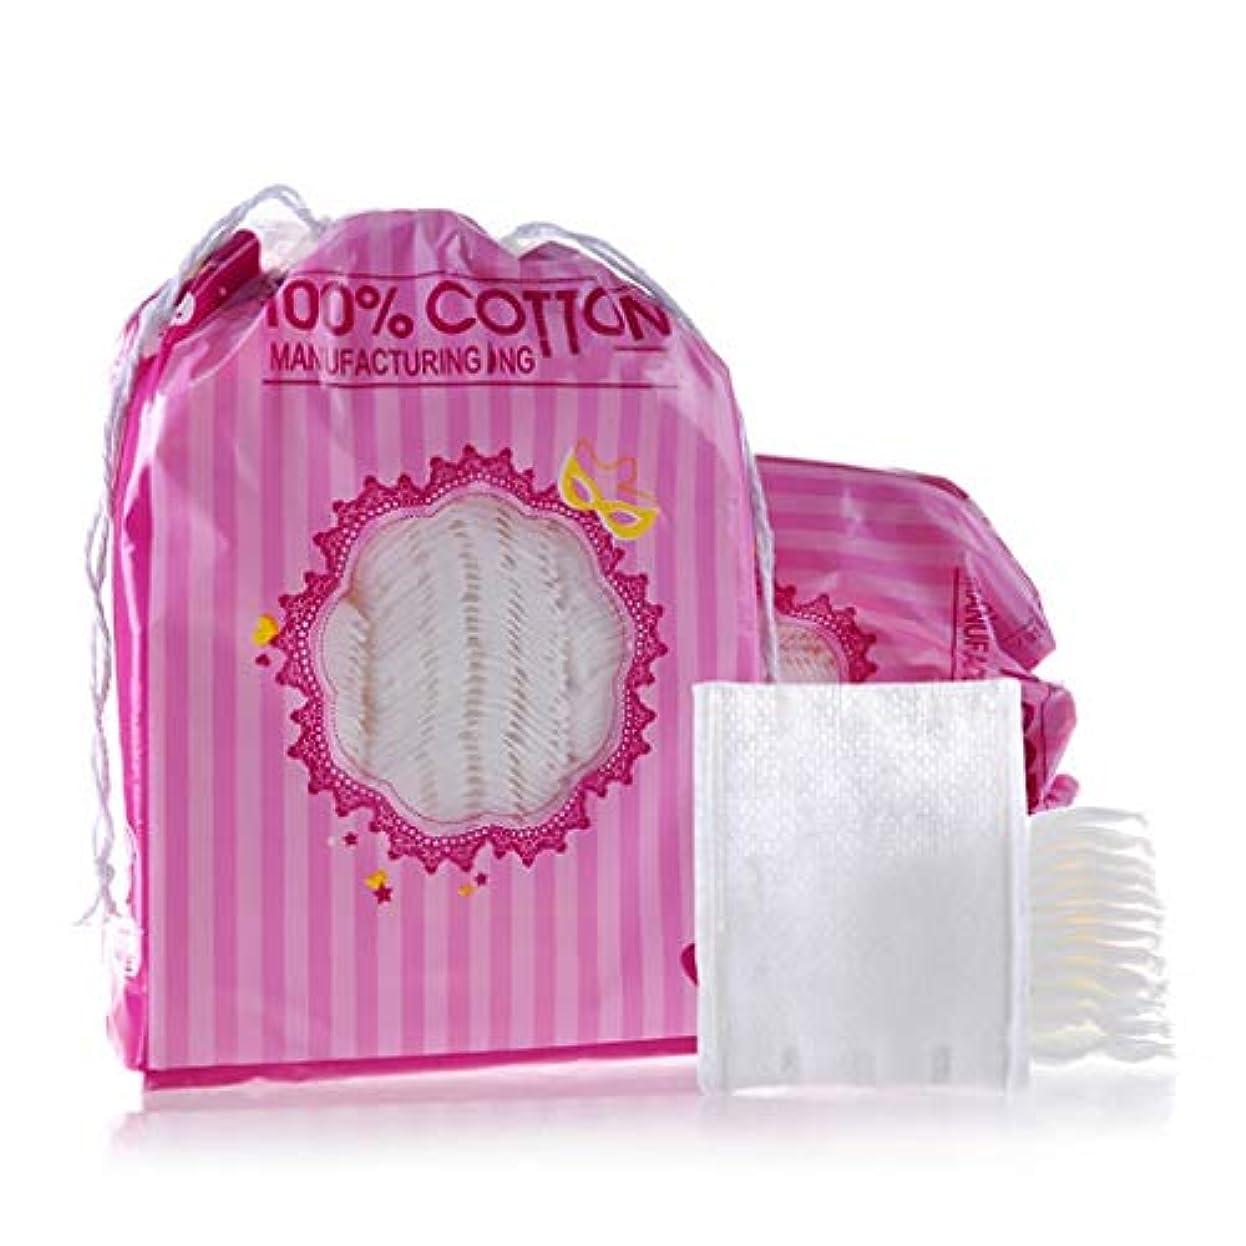 キルス説明鮮やかなクレンジングシート 200ピースコットンメイクアップリムーバーパッドソフトオーガニックネイルポリッシュワイプ両面フェイスクレンジング美容化粧品パッド (Color : White)